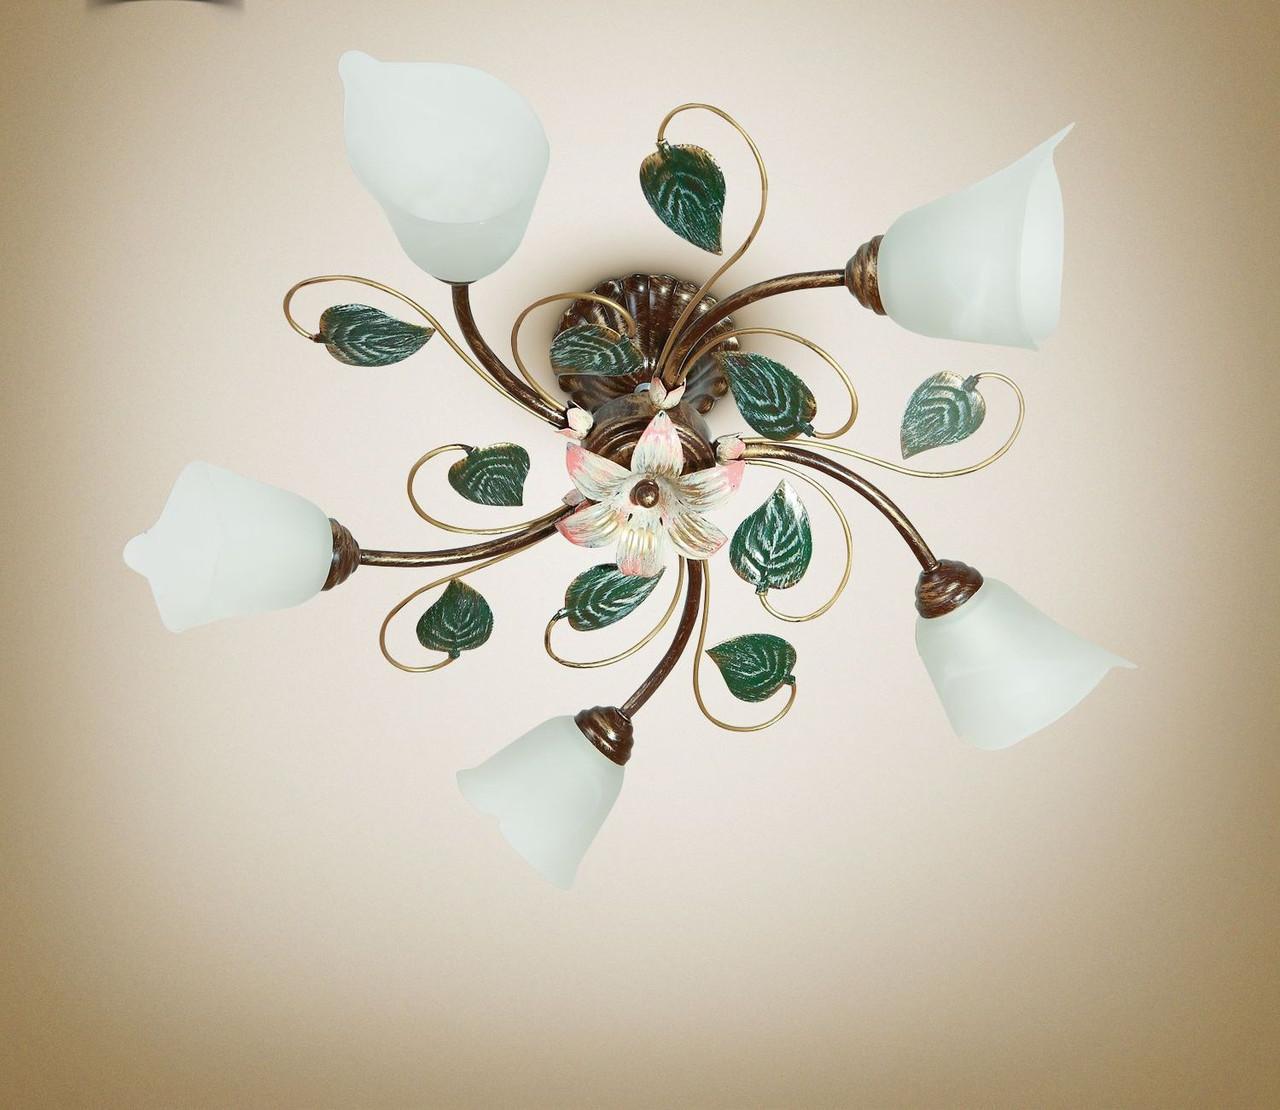 Люстра потолочная 5 ламповая металлическая для спальни, кухни, гостиной  16155-1